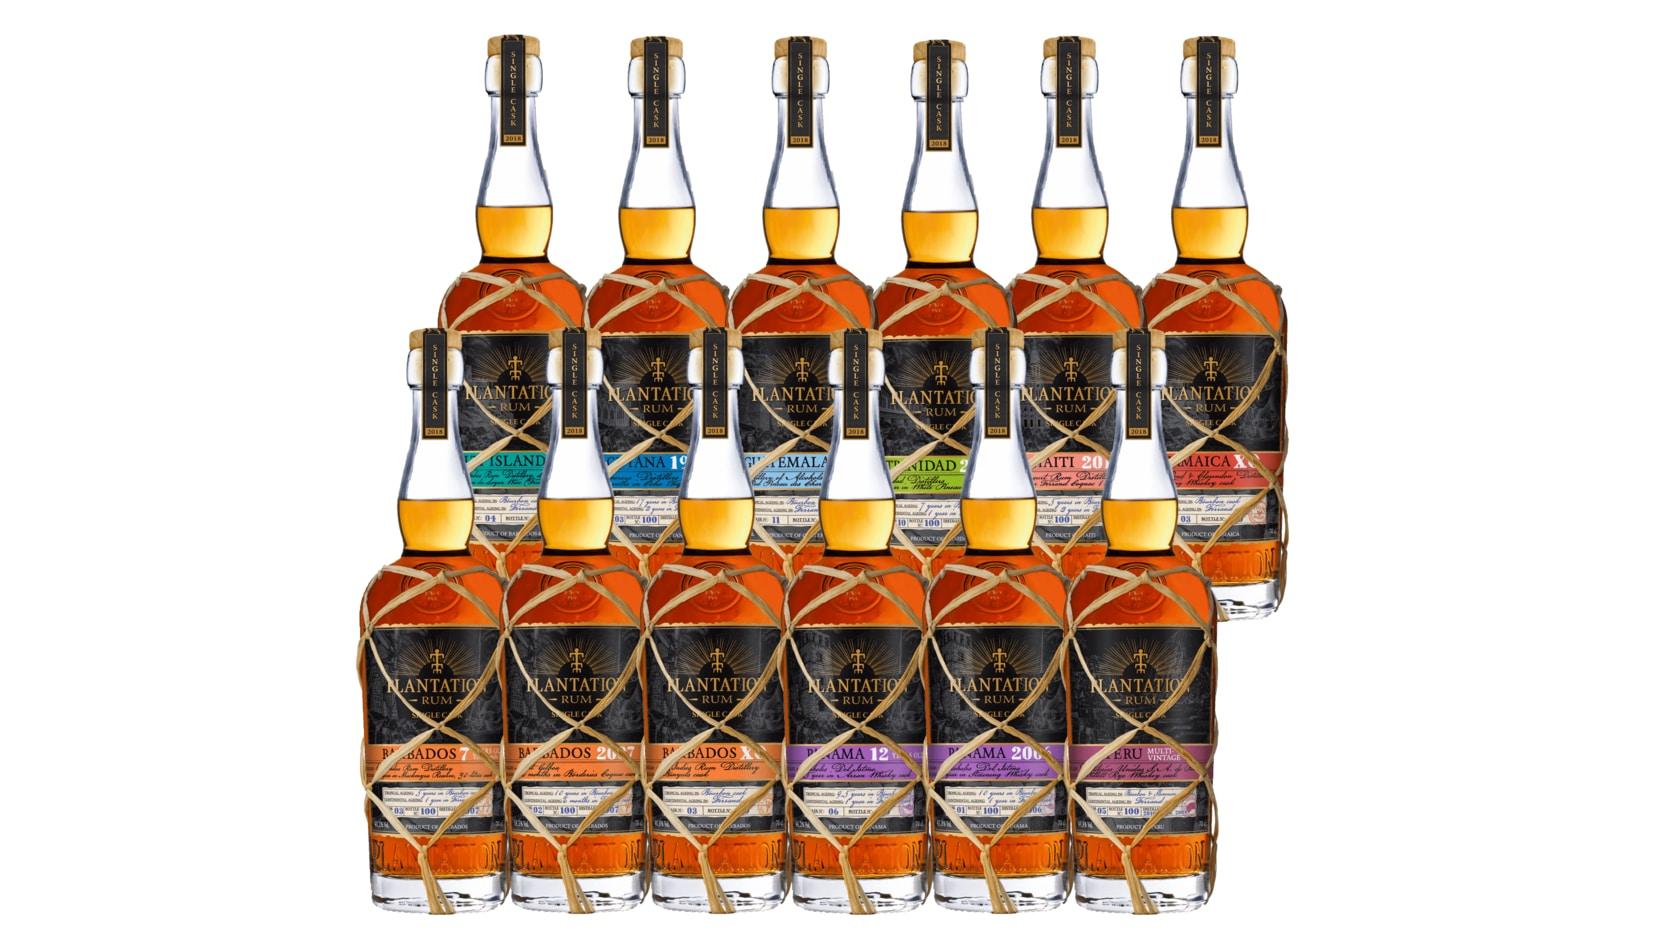 Plantation Rum Single Cask